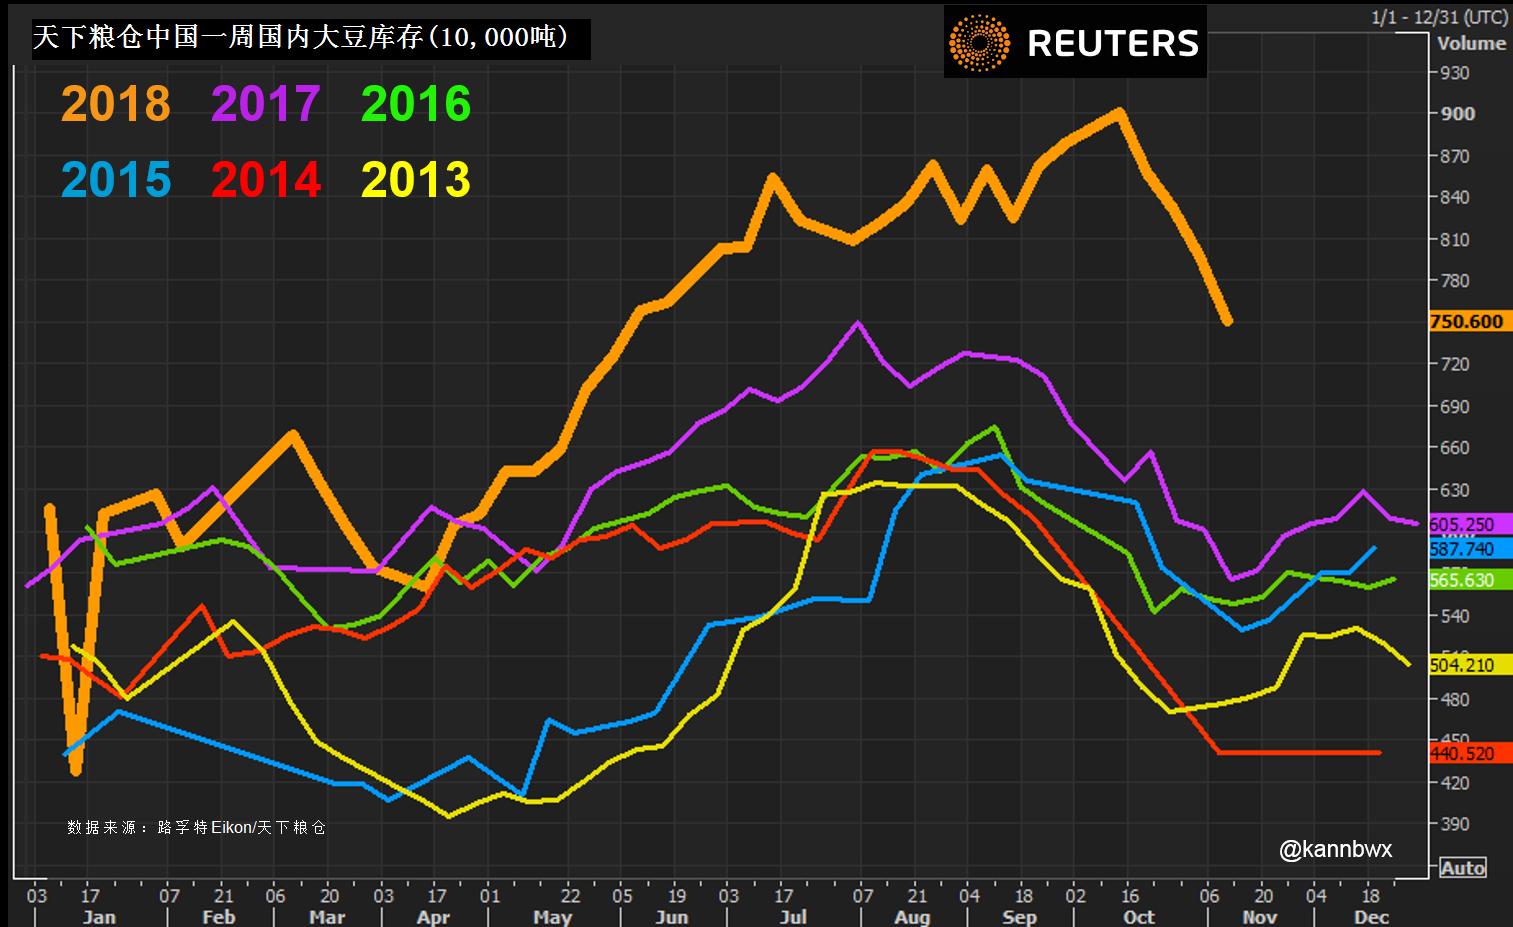 外媒:中国就是不买美国大豆 出乎许多人预料